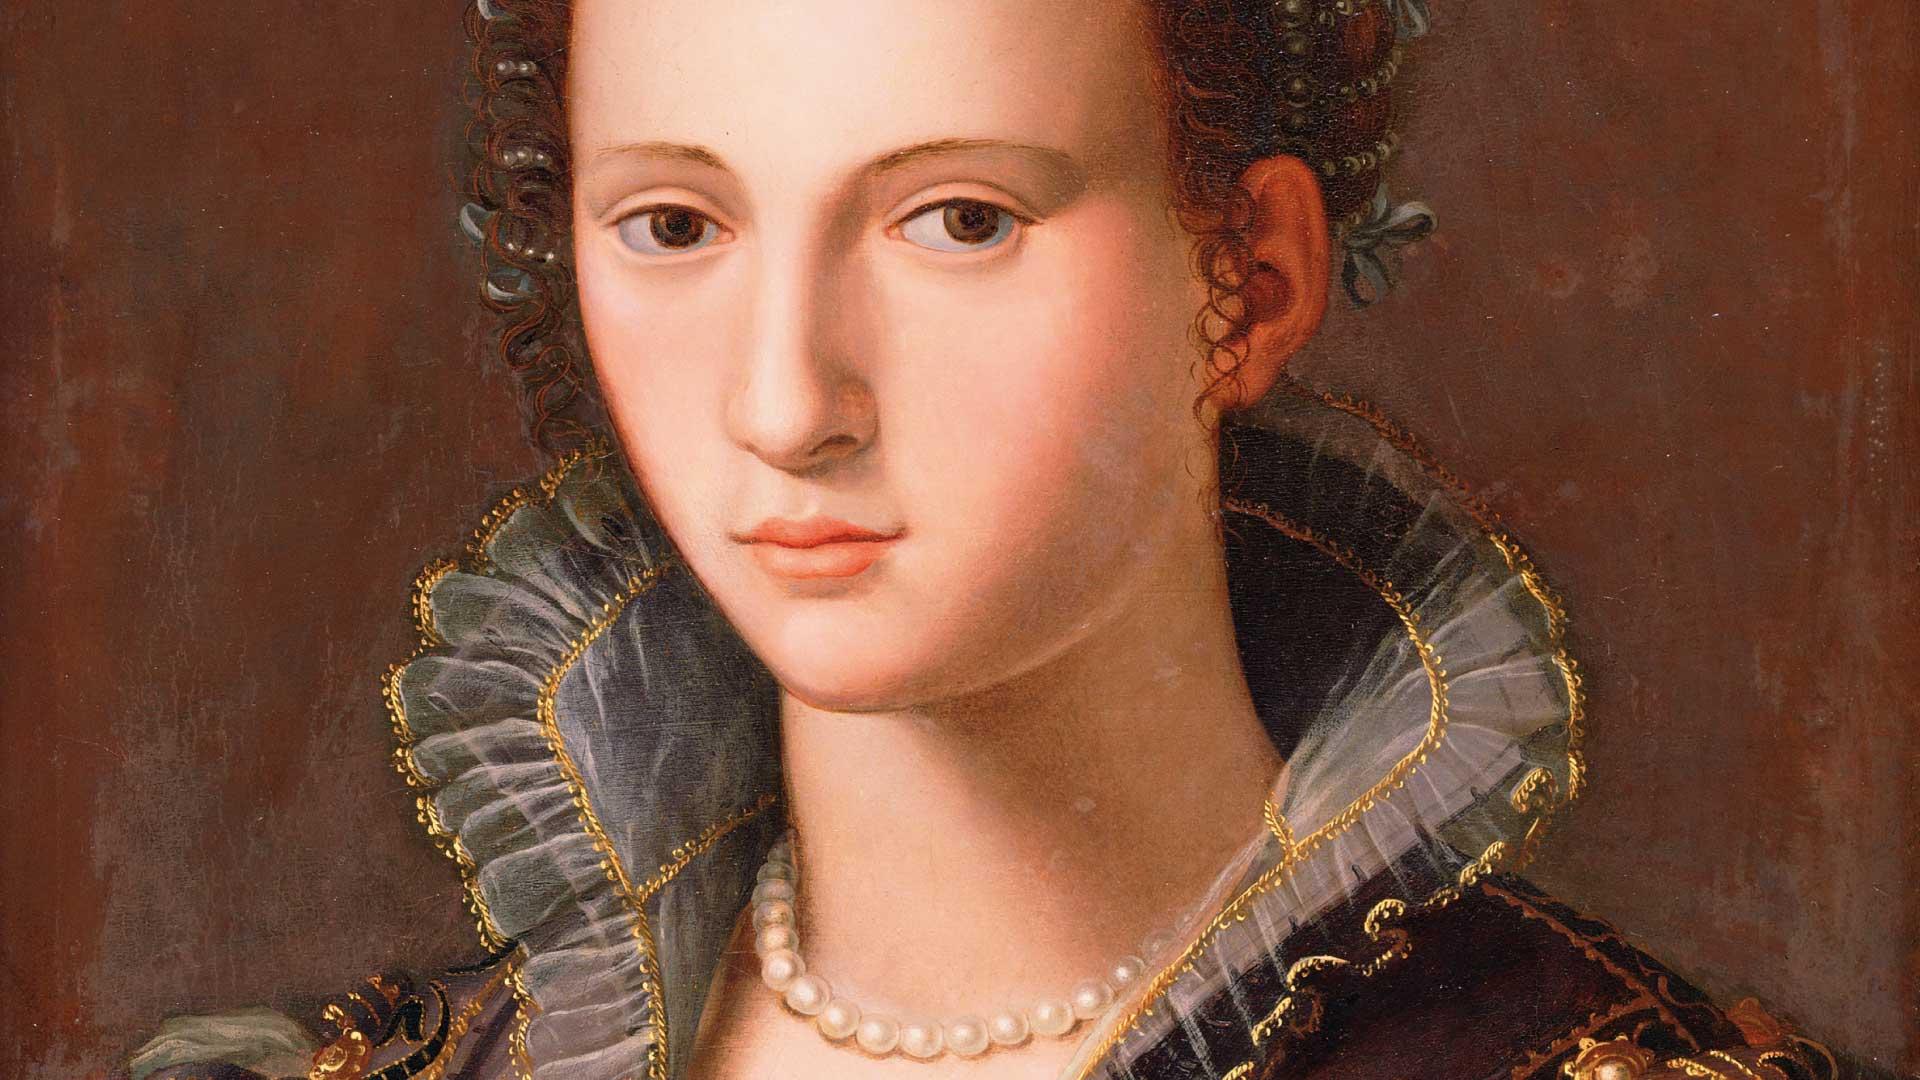 Retrato de Dama Florentina, Alessandro Allori e ateliê, séc XVI, óleo sobre madeira, Coleção Ema Klabin